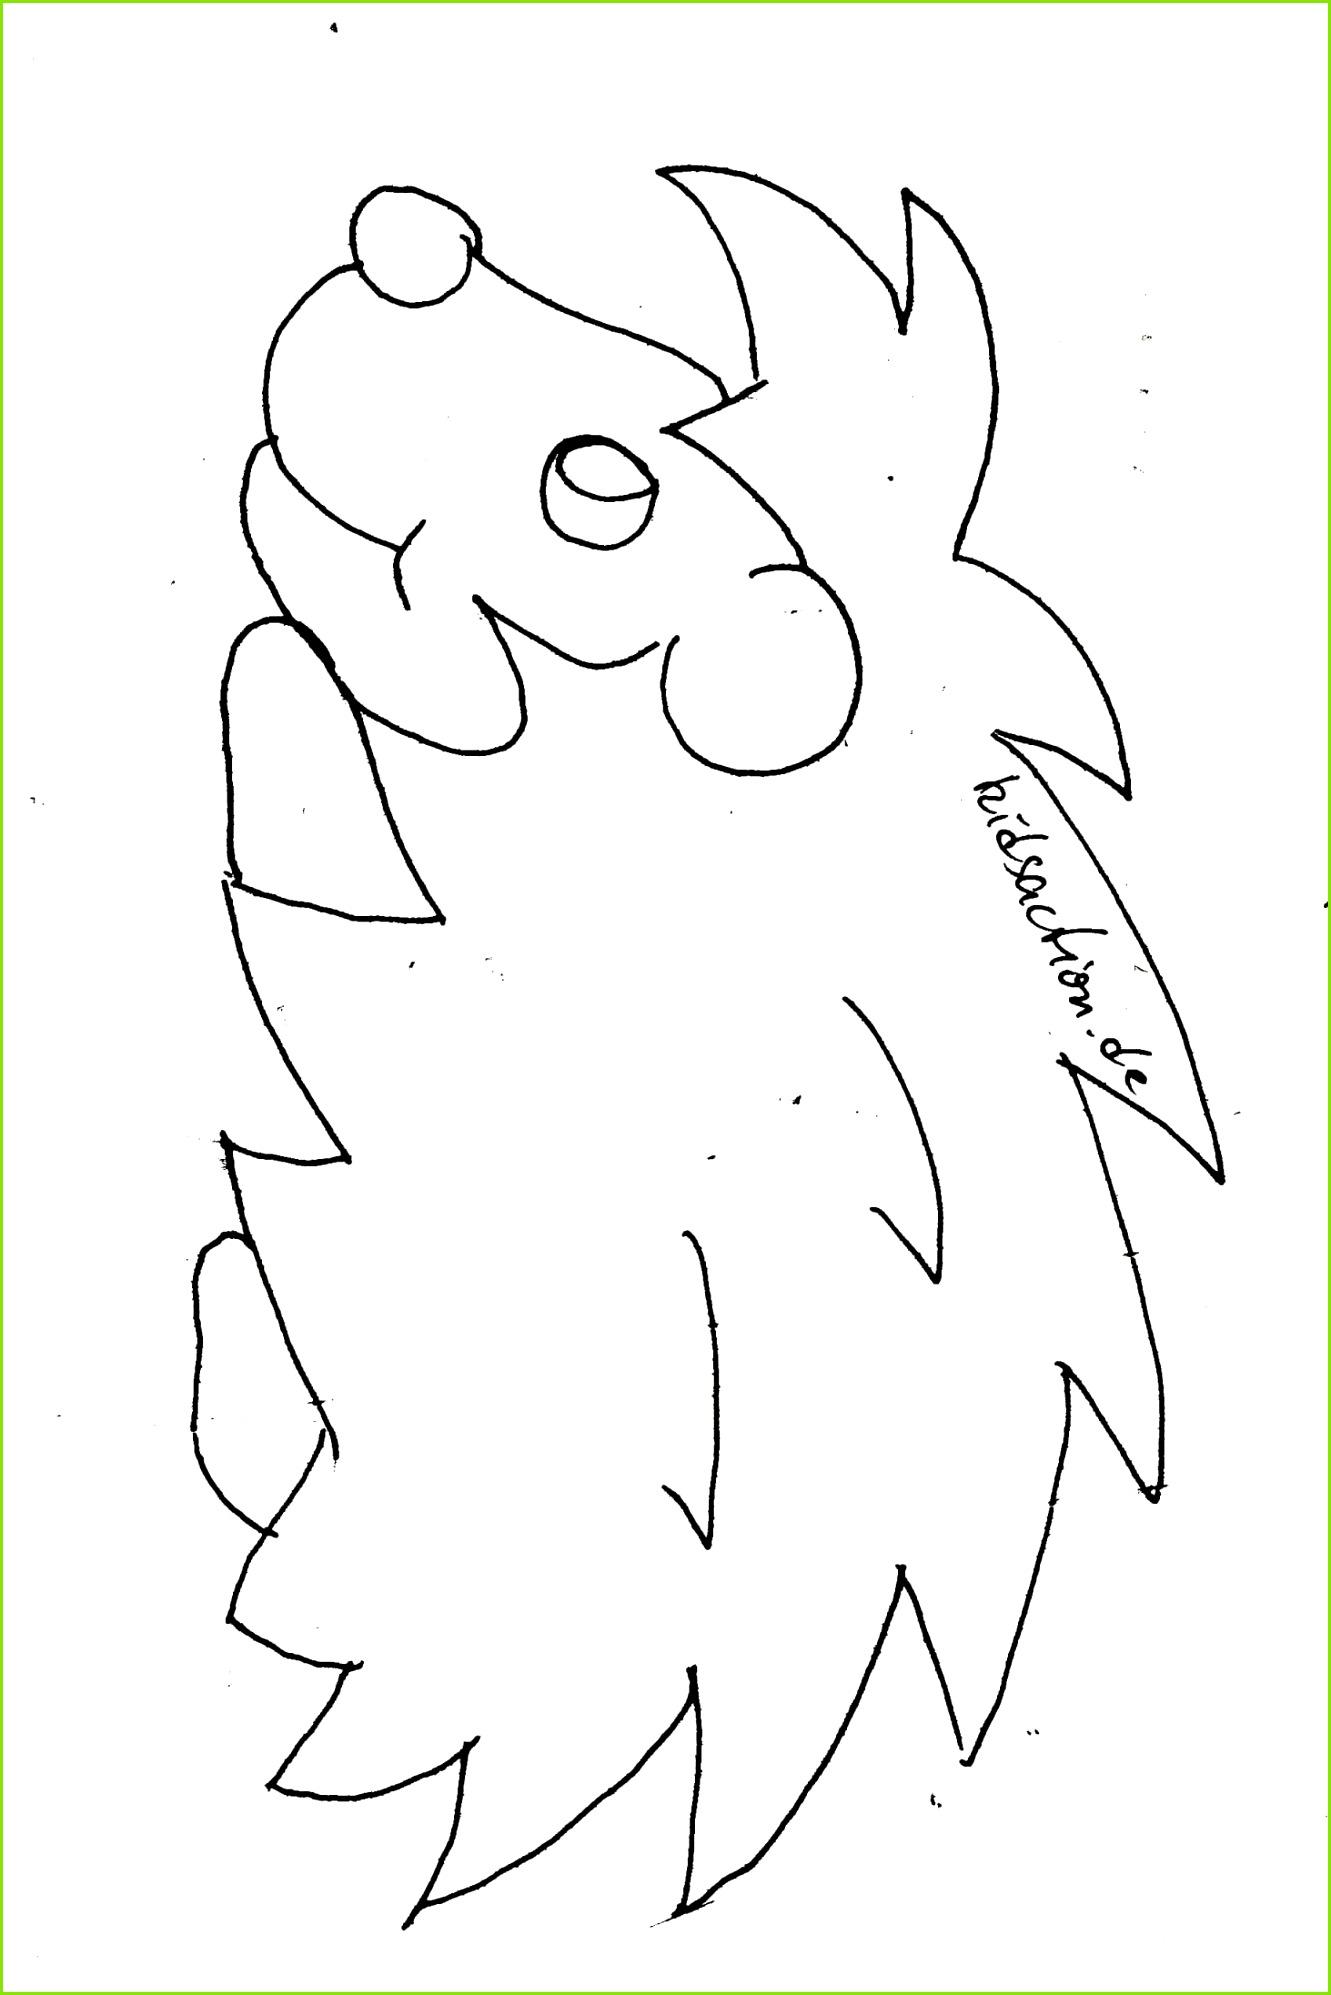 Malvorlagen Igel Elegant Igel Grundschule 0d Archives uploadertalk 35 Herbst Ausmalbilder Kostenlos scoredatscore – Basteln Herbst Vorlagen